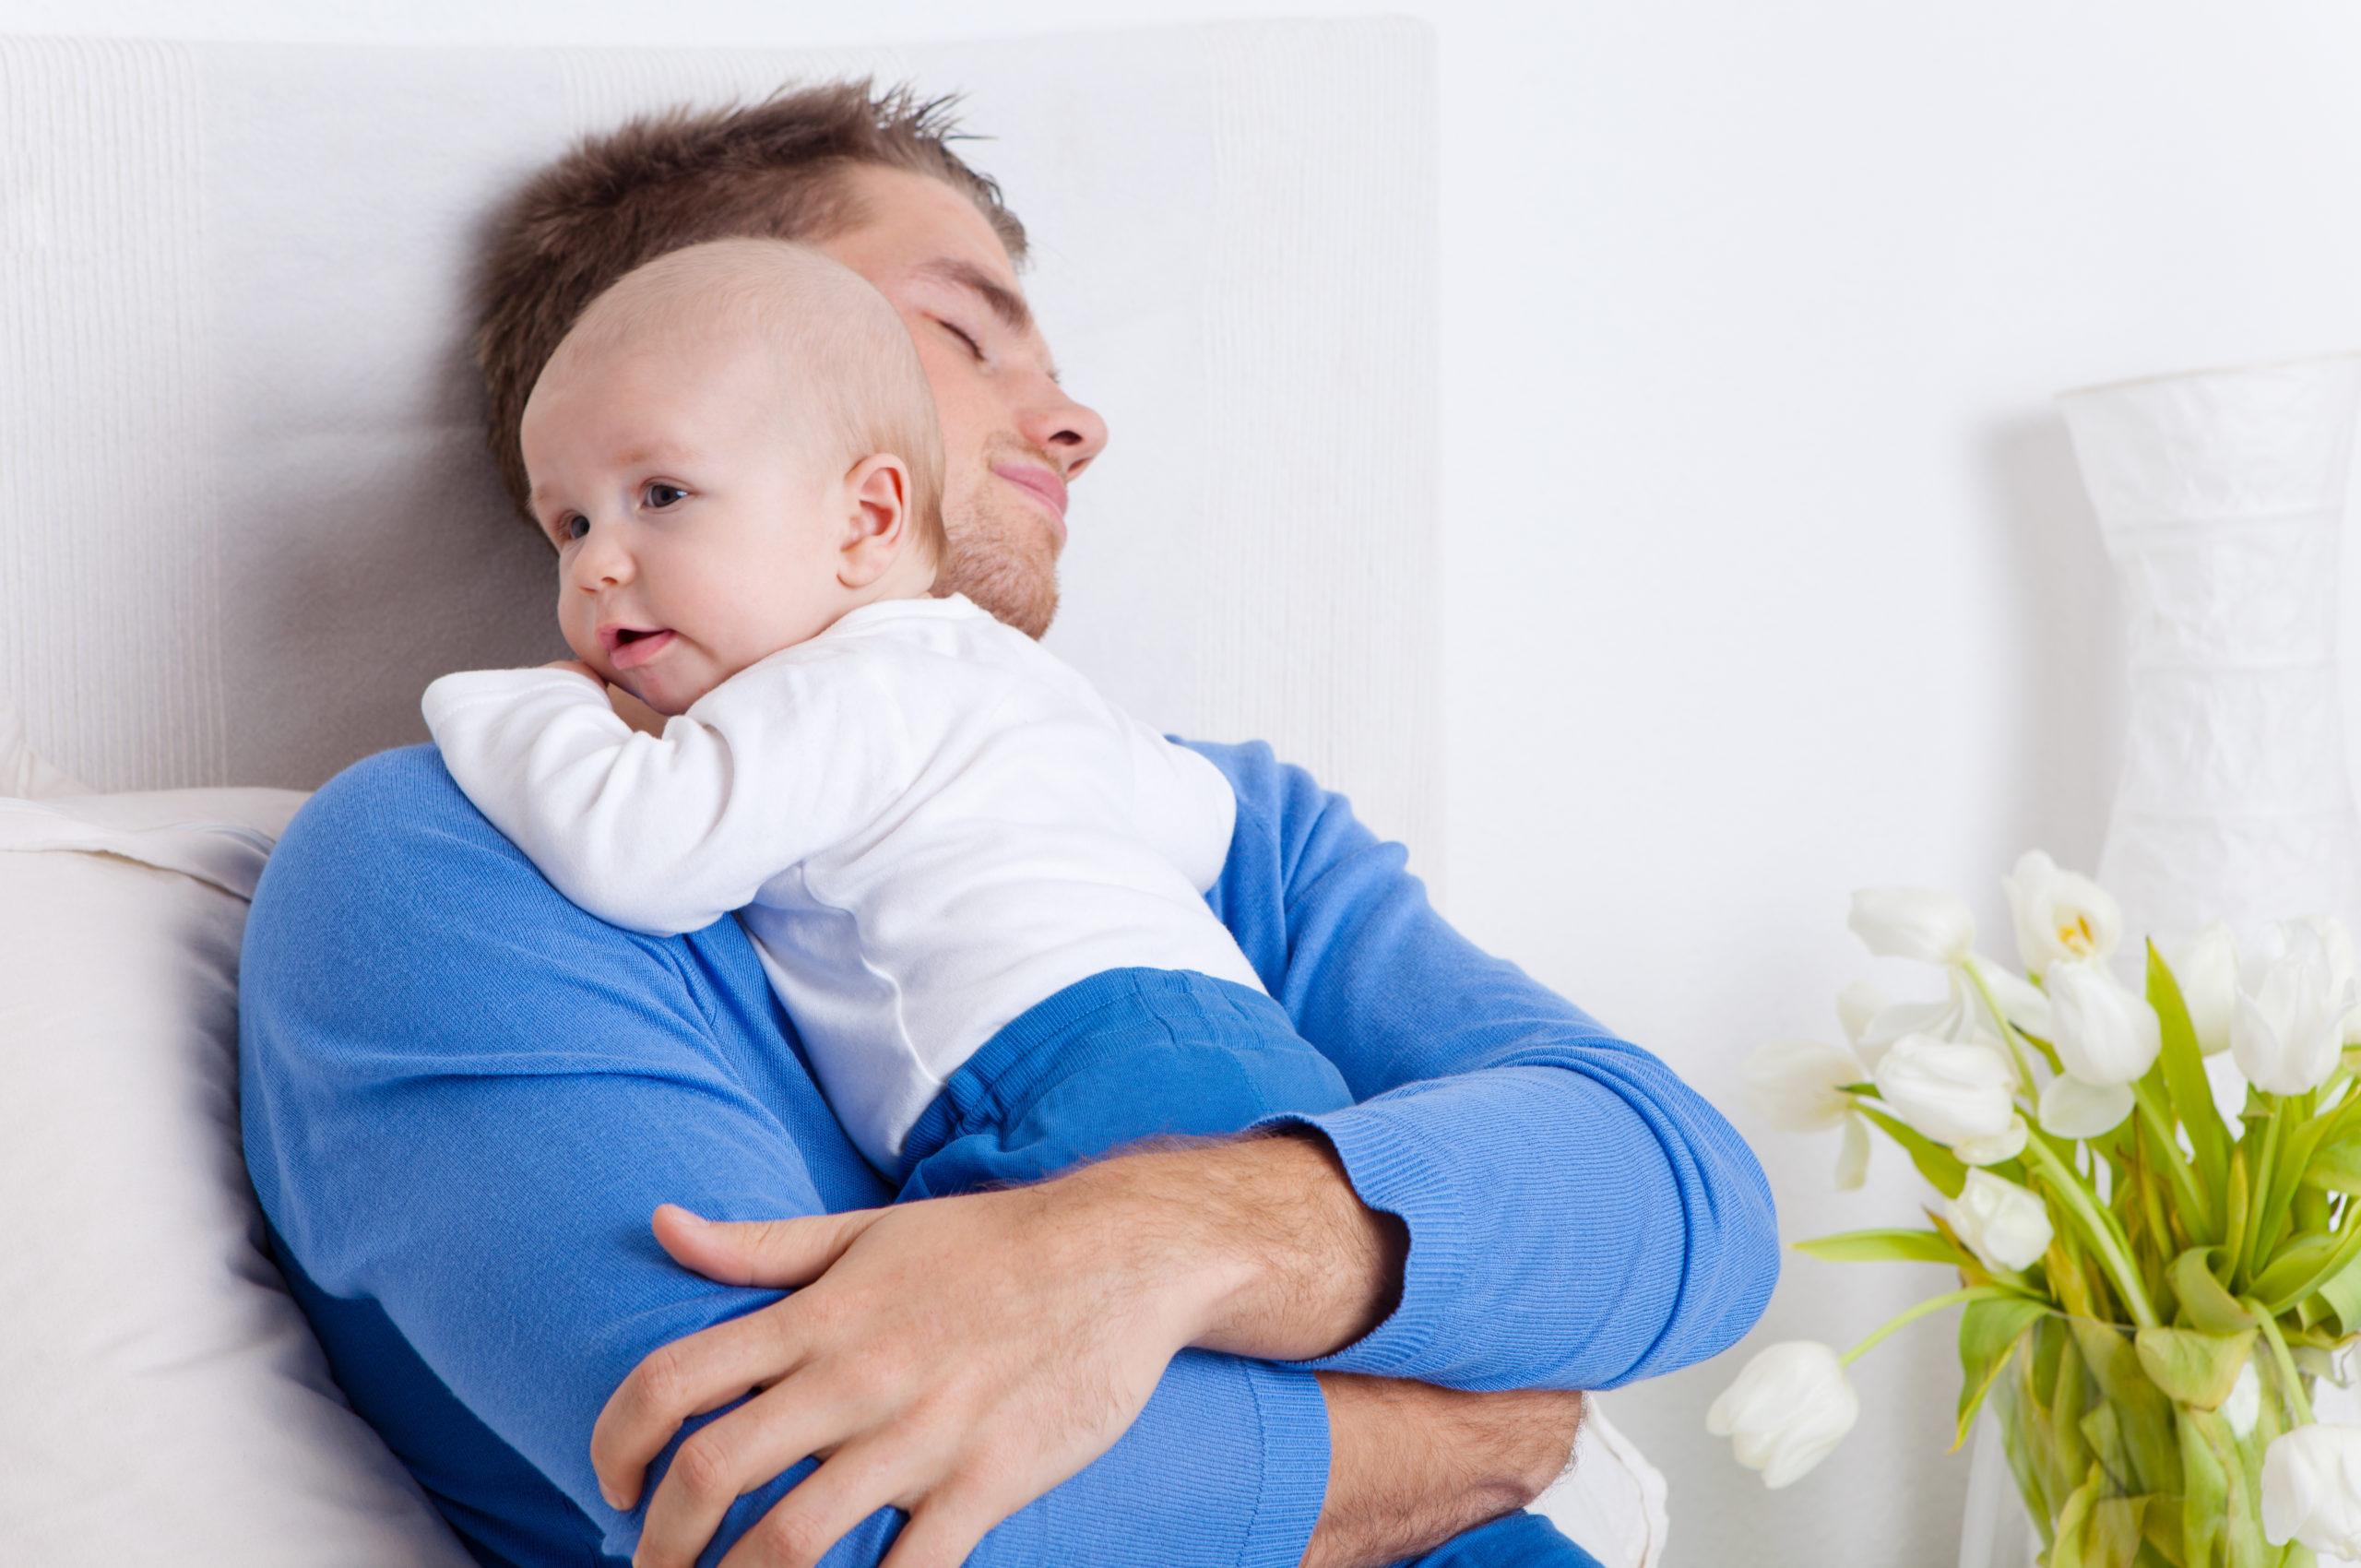 Не твой ребенок: дилемма теста ДНК на отцовство. Делать или нет Истории из жизни,отношения